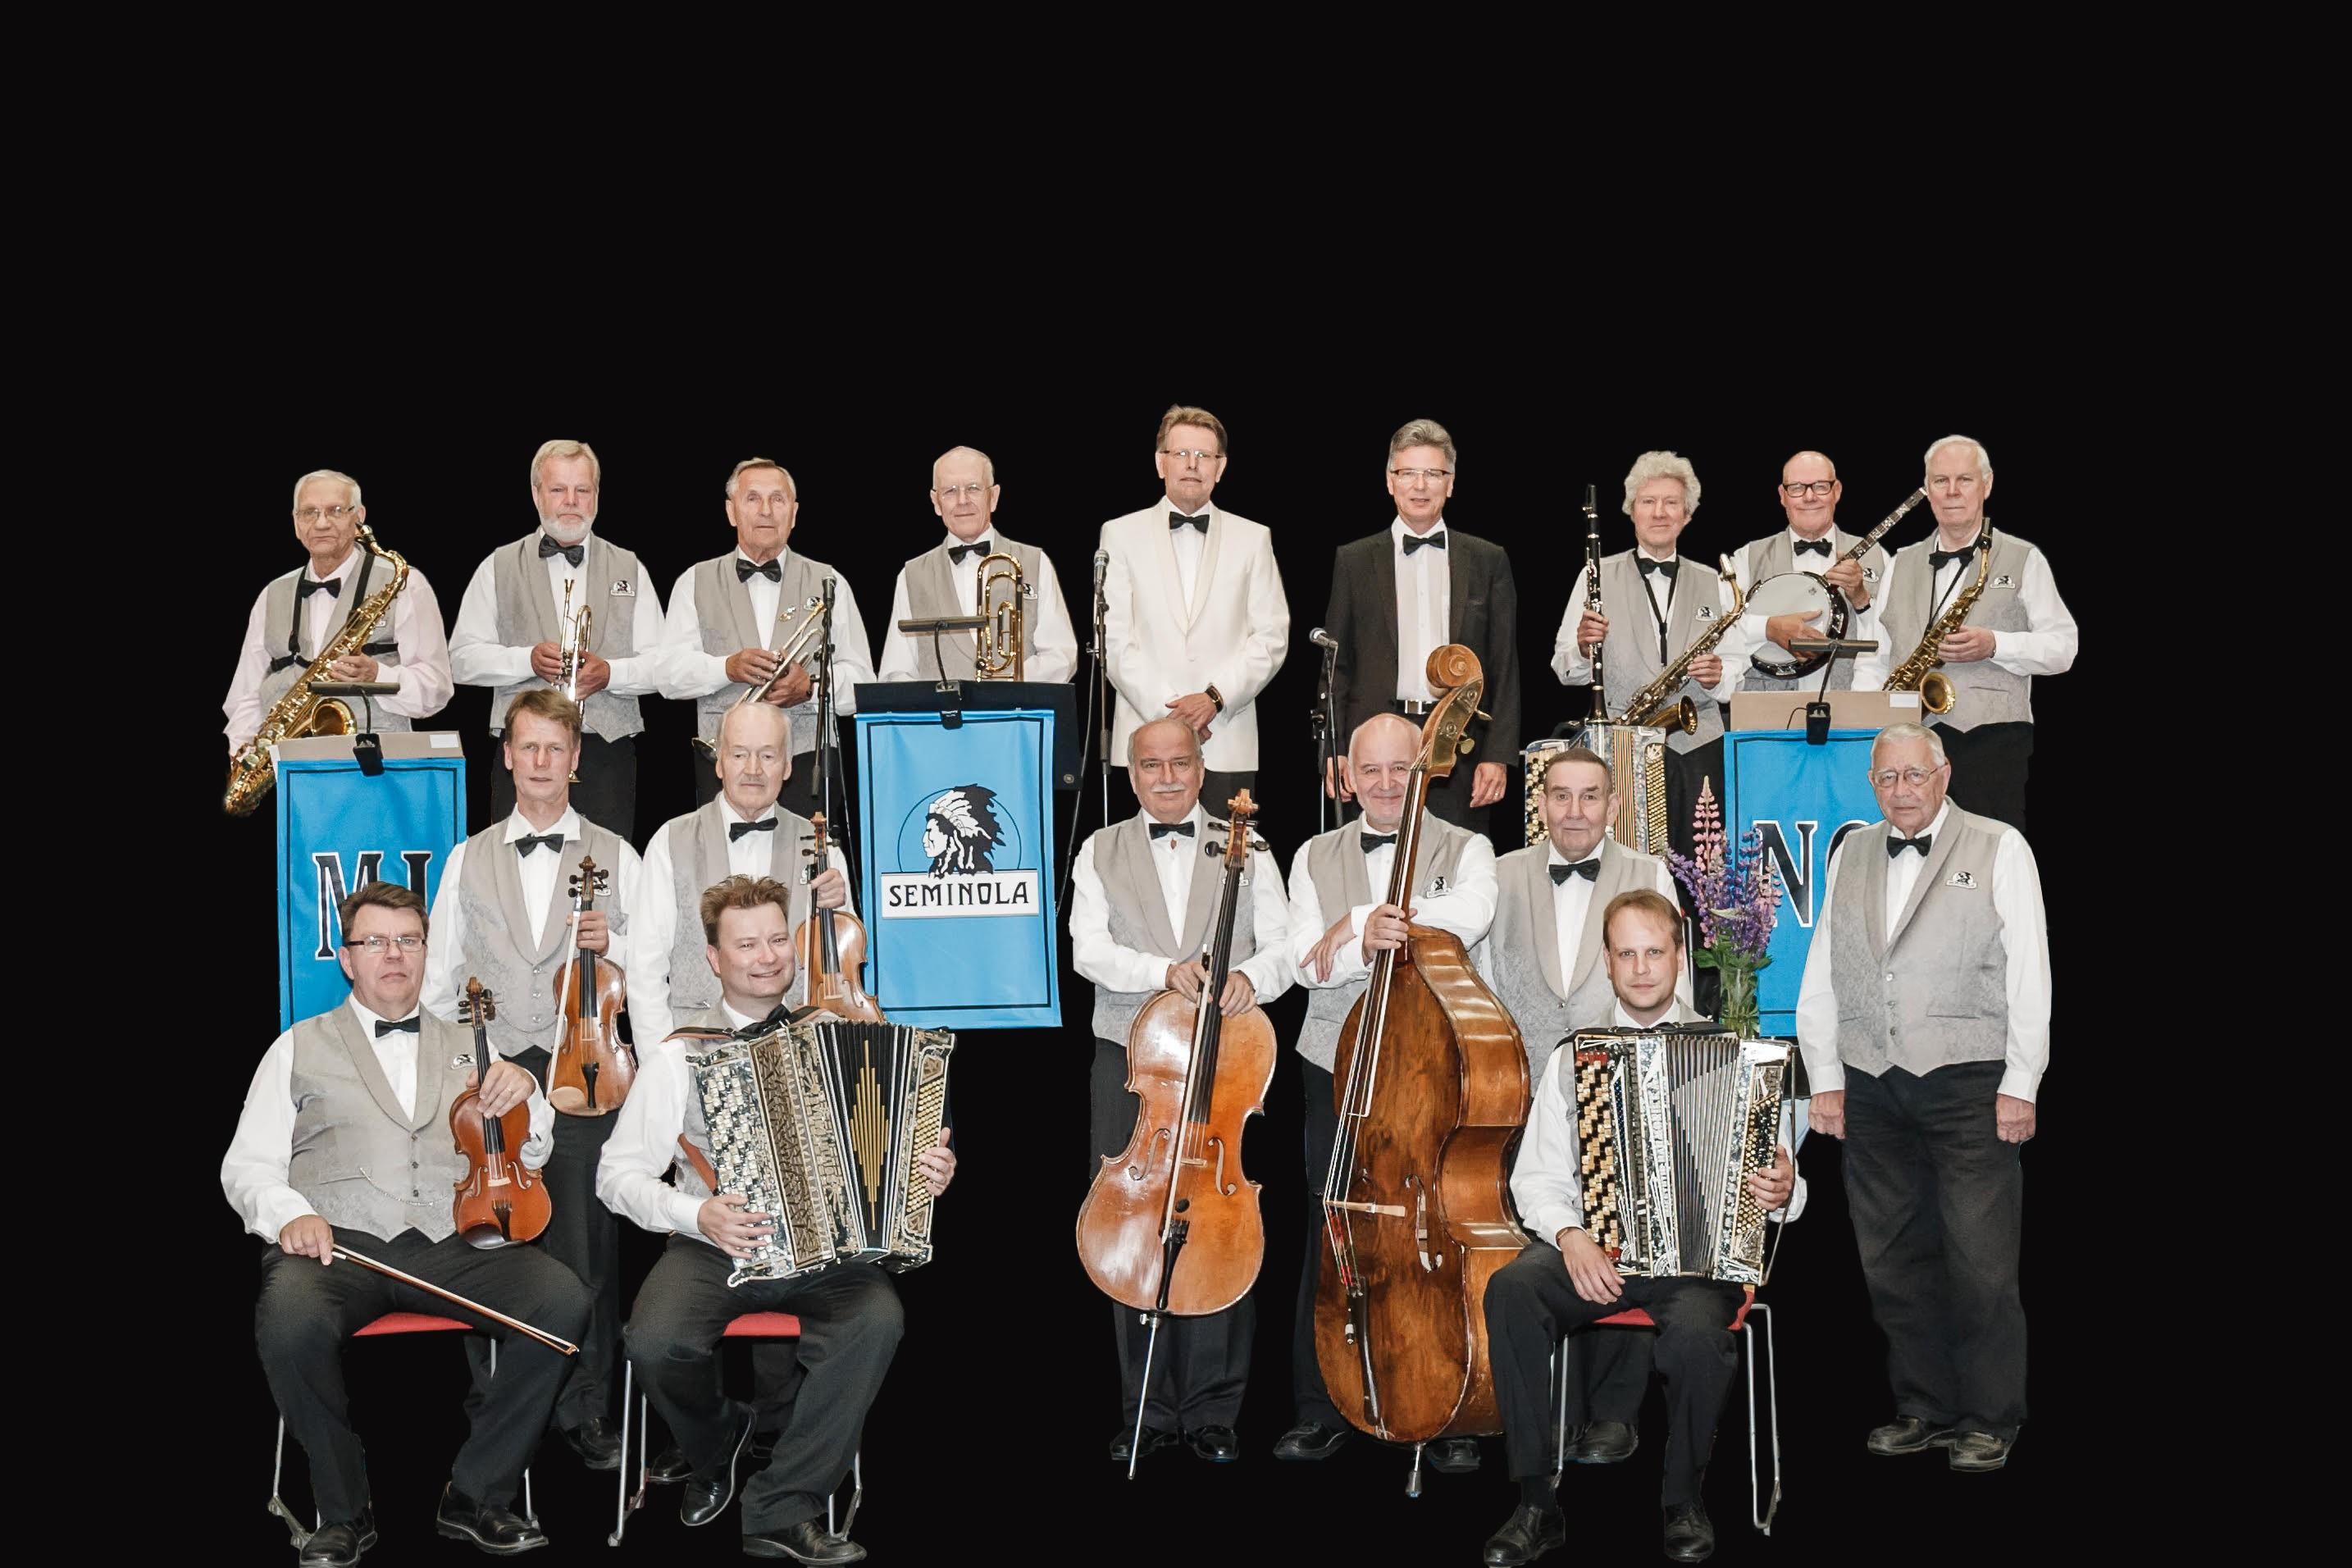 Tamperelais–kangasalalainen vintageorkesteri Seminola soittaa tunnettuja ja vähemmän tunnettuja schlaager- eli iskusävelmähelmiä Kangasala-talossa 30.10.2019.